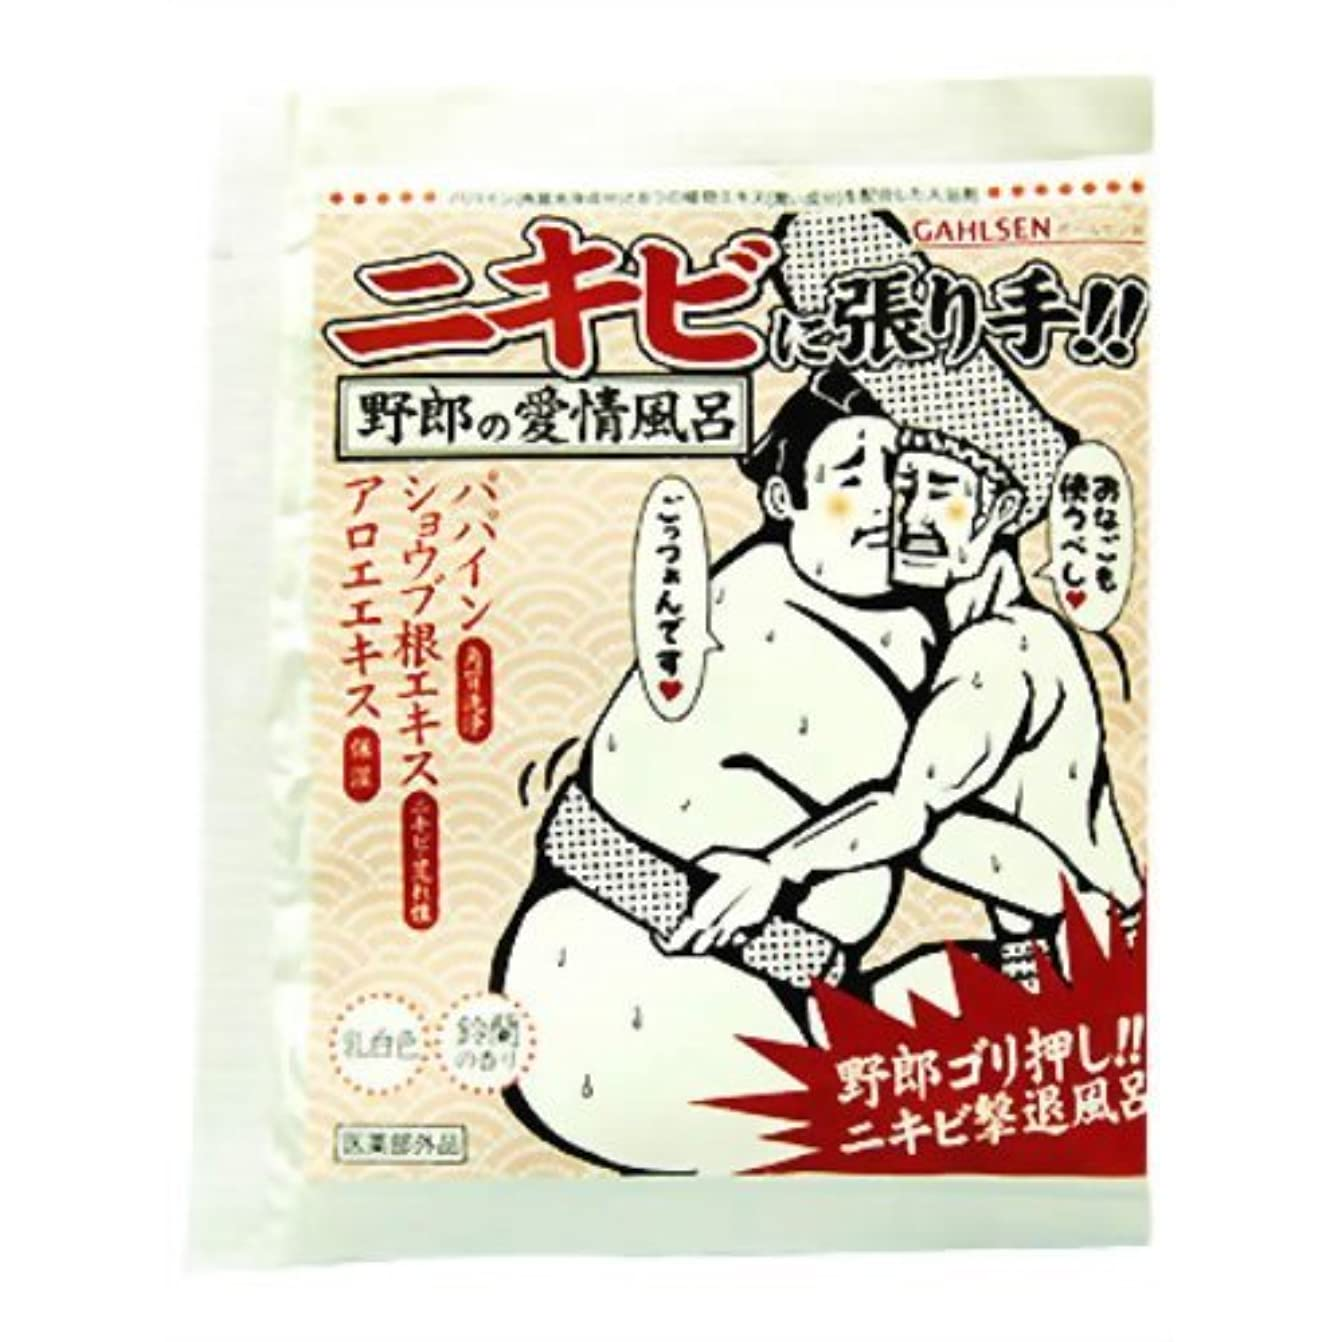 小説家武器一時停止ガールセンW 25g*10袋(入浴剤)